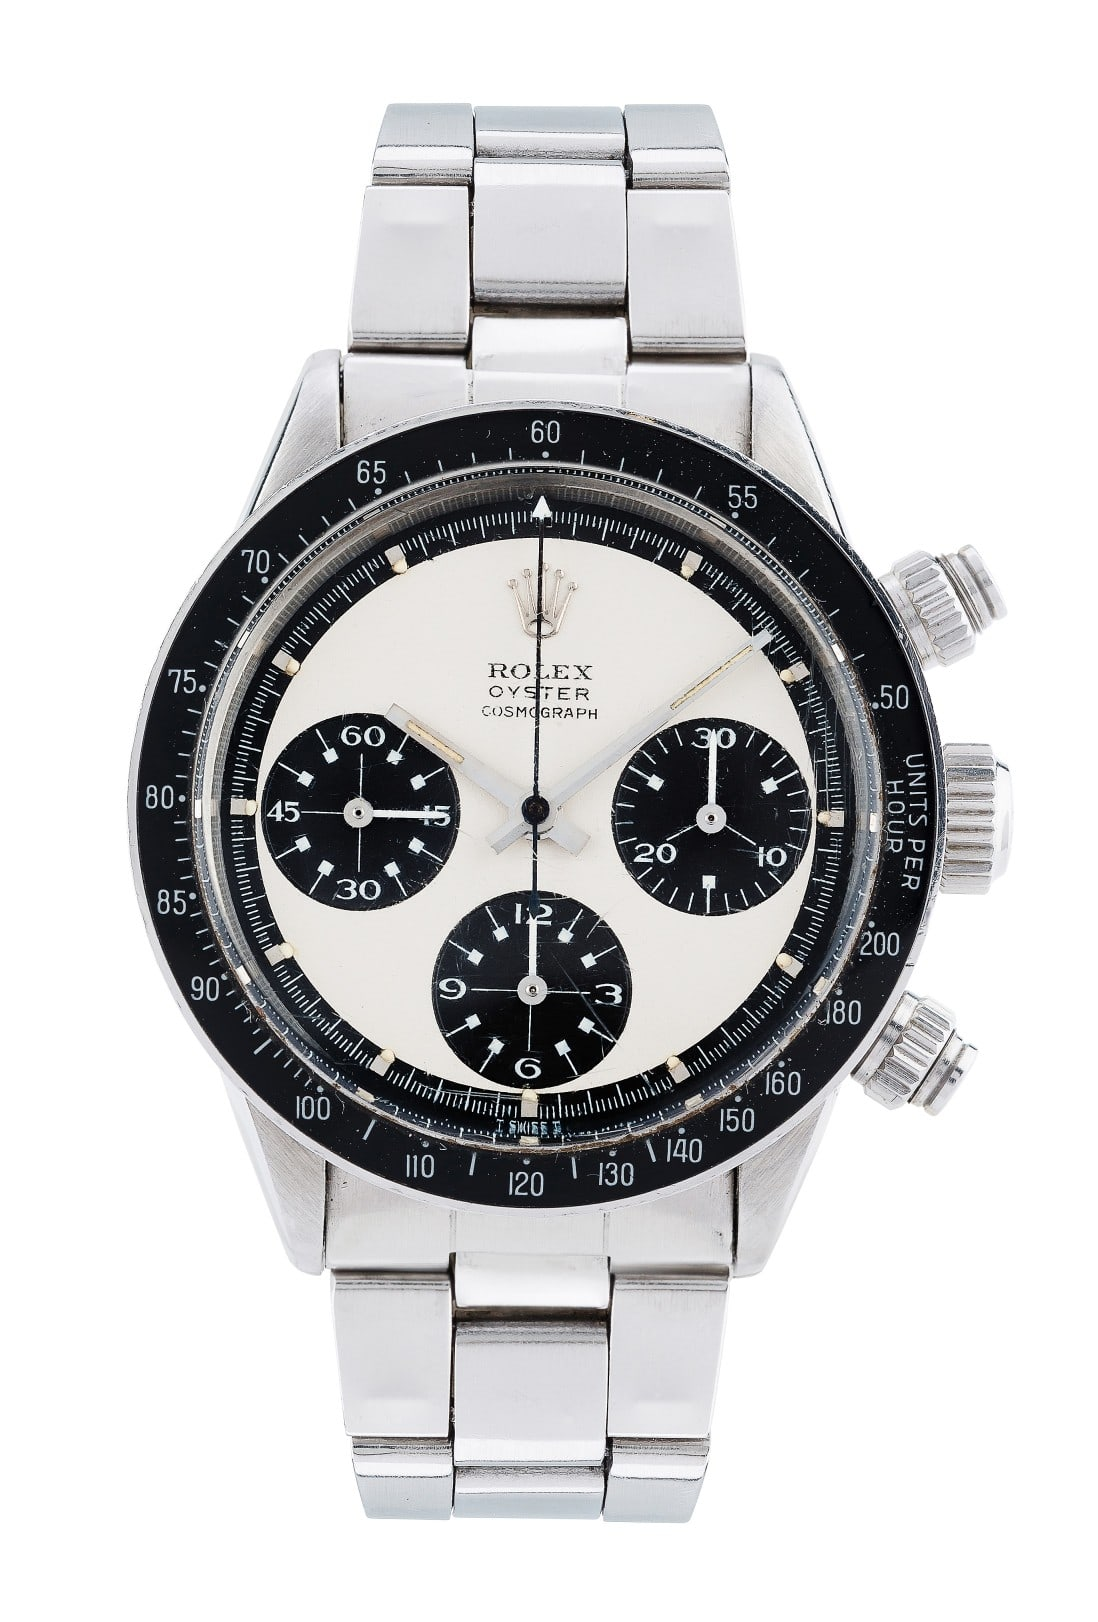 Paul Newman's Daytona Rolex driving watch